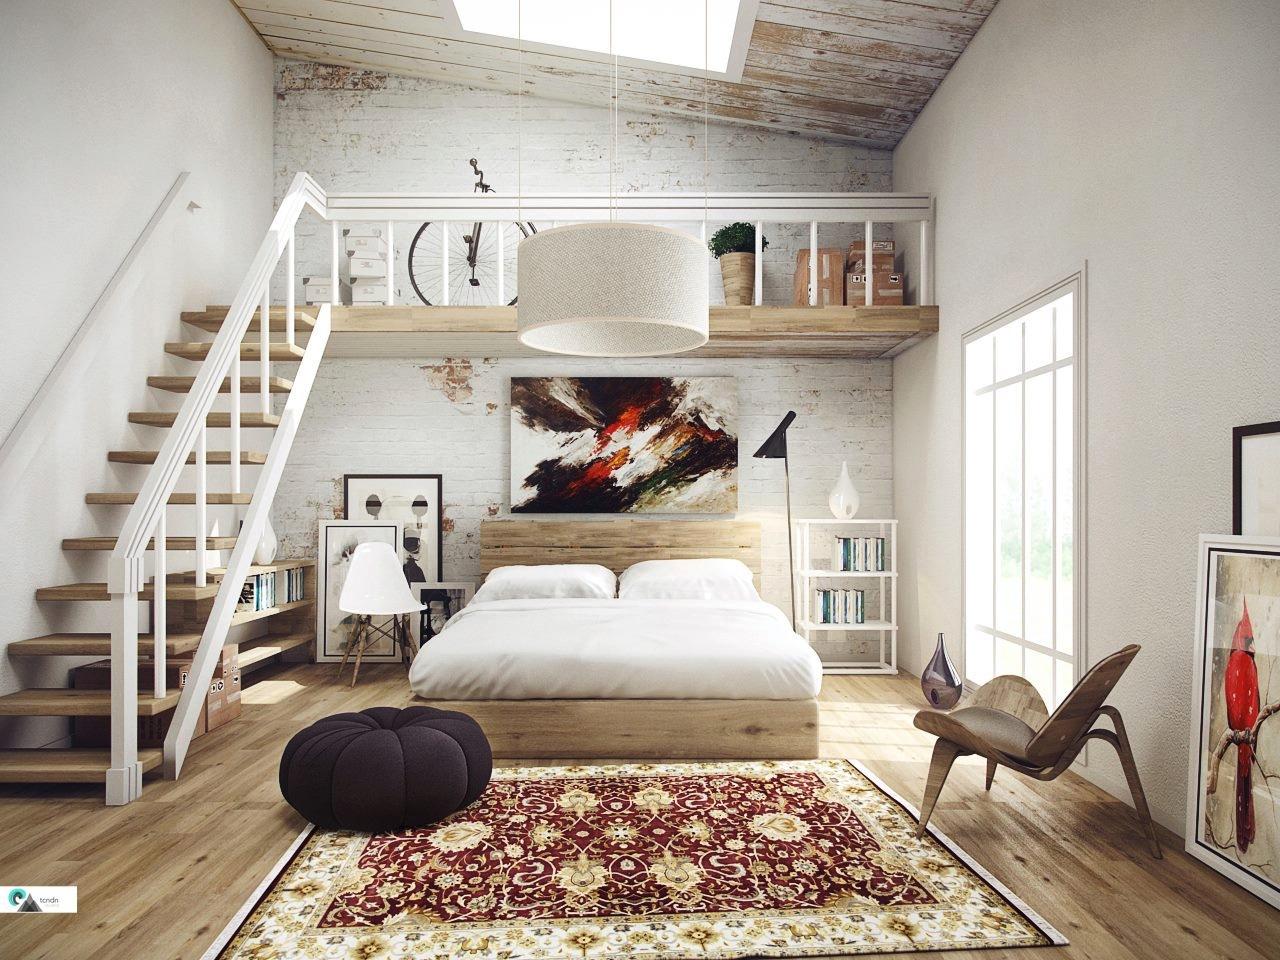 Wedo thiết kế nội thất phòng ngủ hoàn hảo cho giấc ngủ ngon